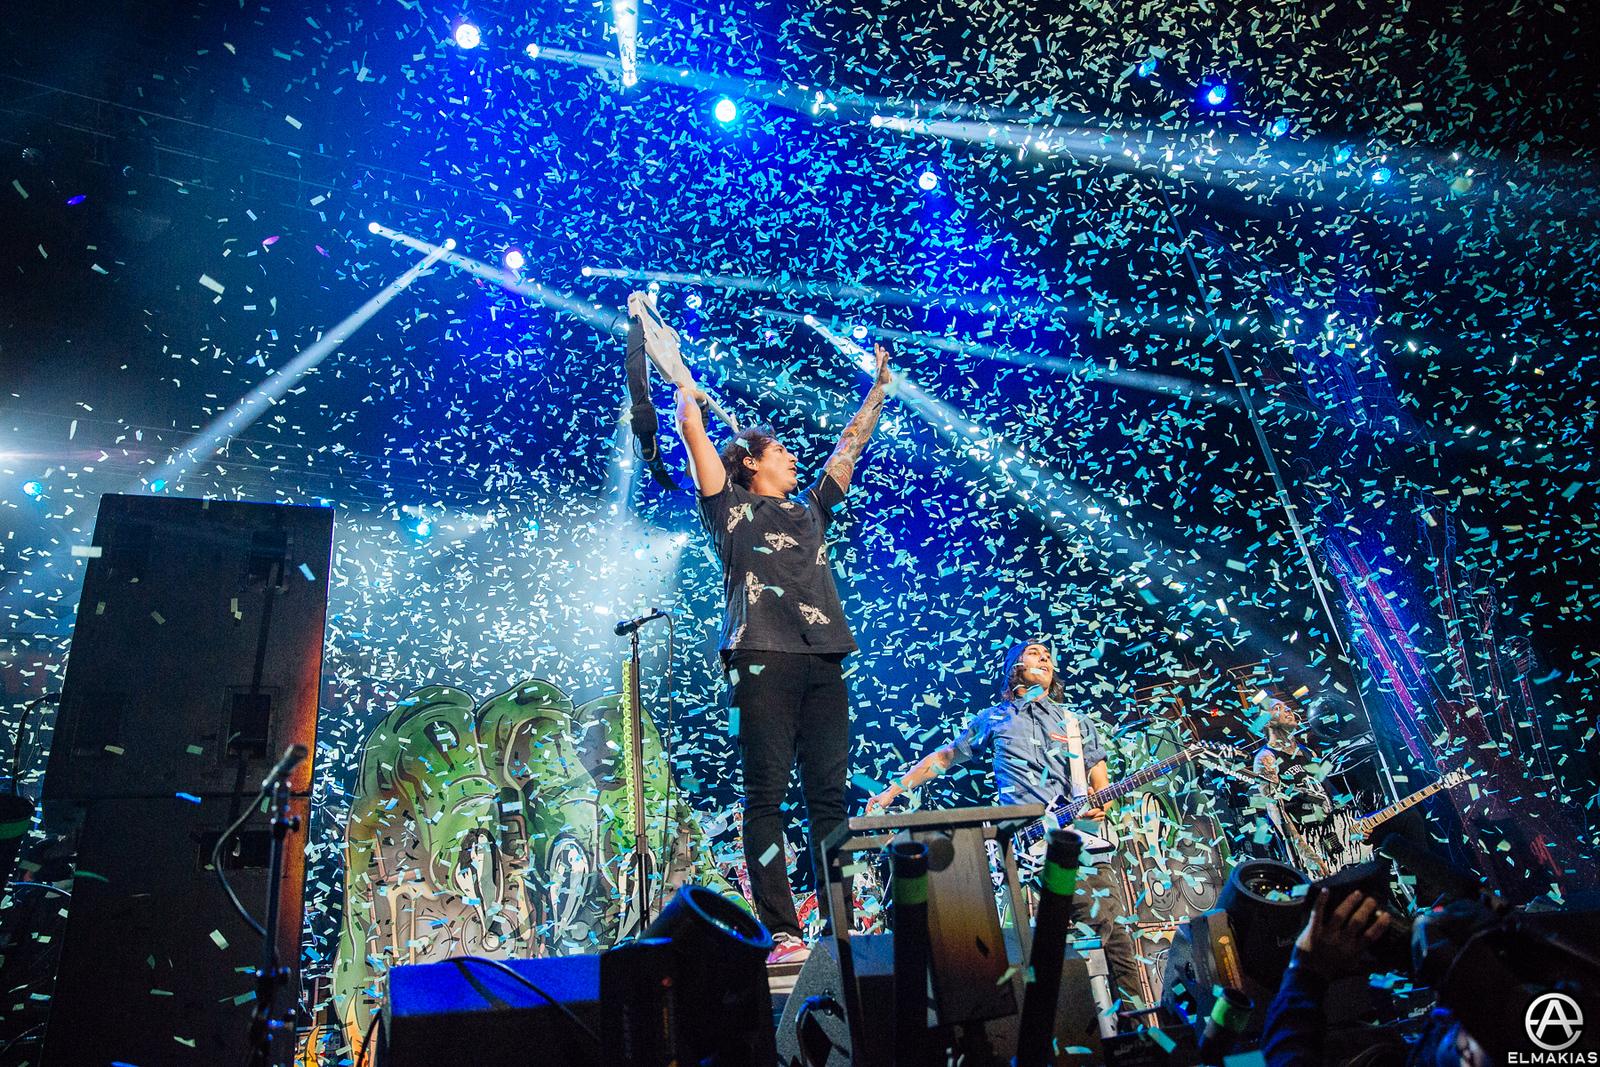 Pierce The Veil live at the APMAs 2015 by Adam Elmakias